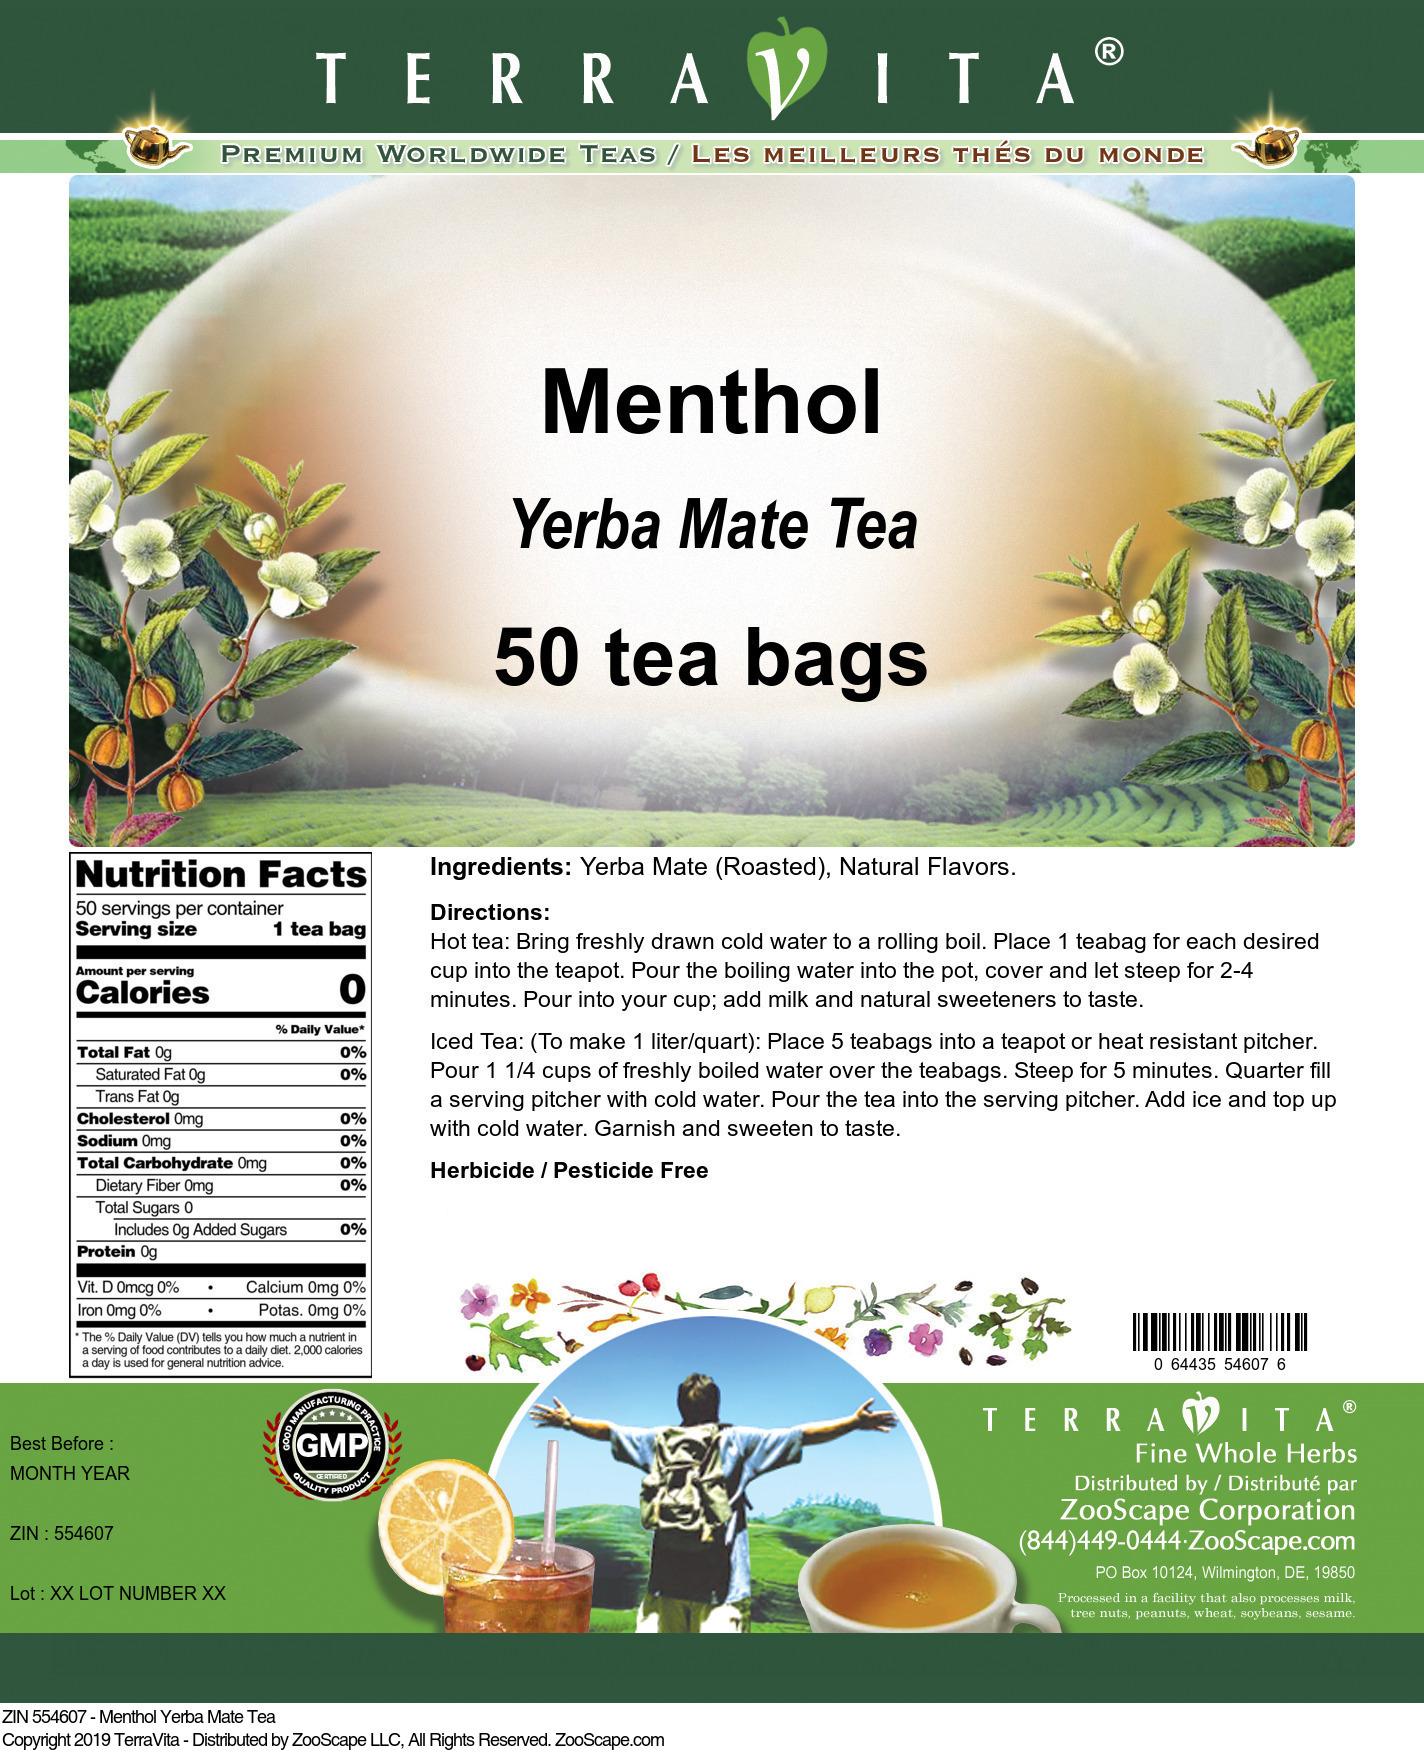 Menthol Yerba Mate Tea